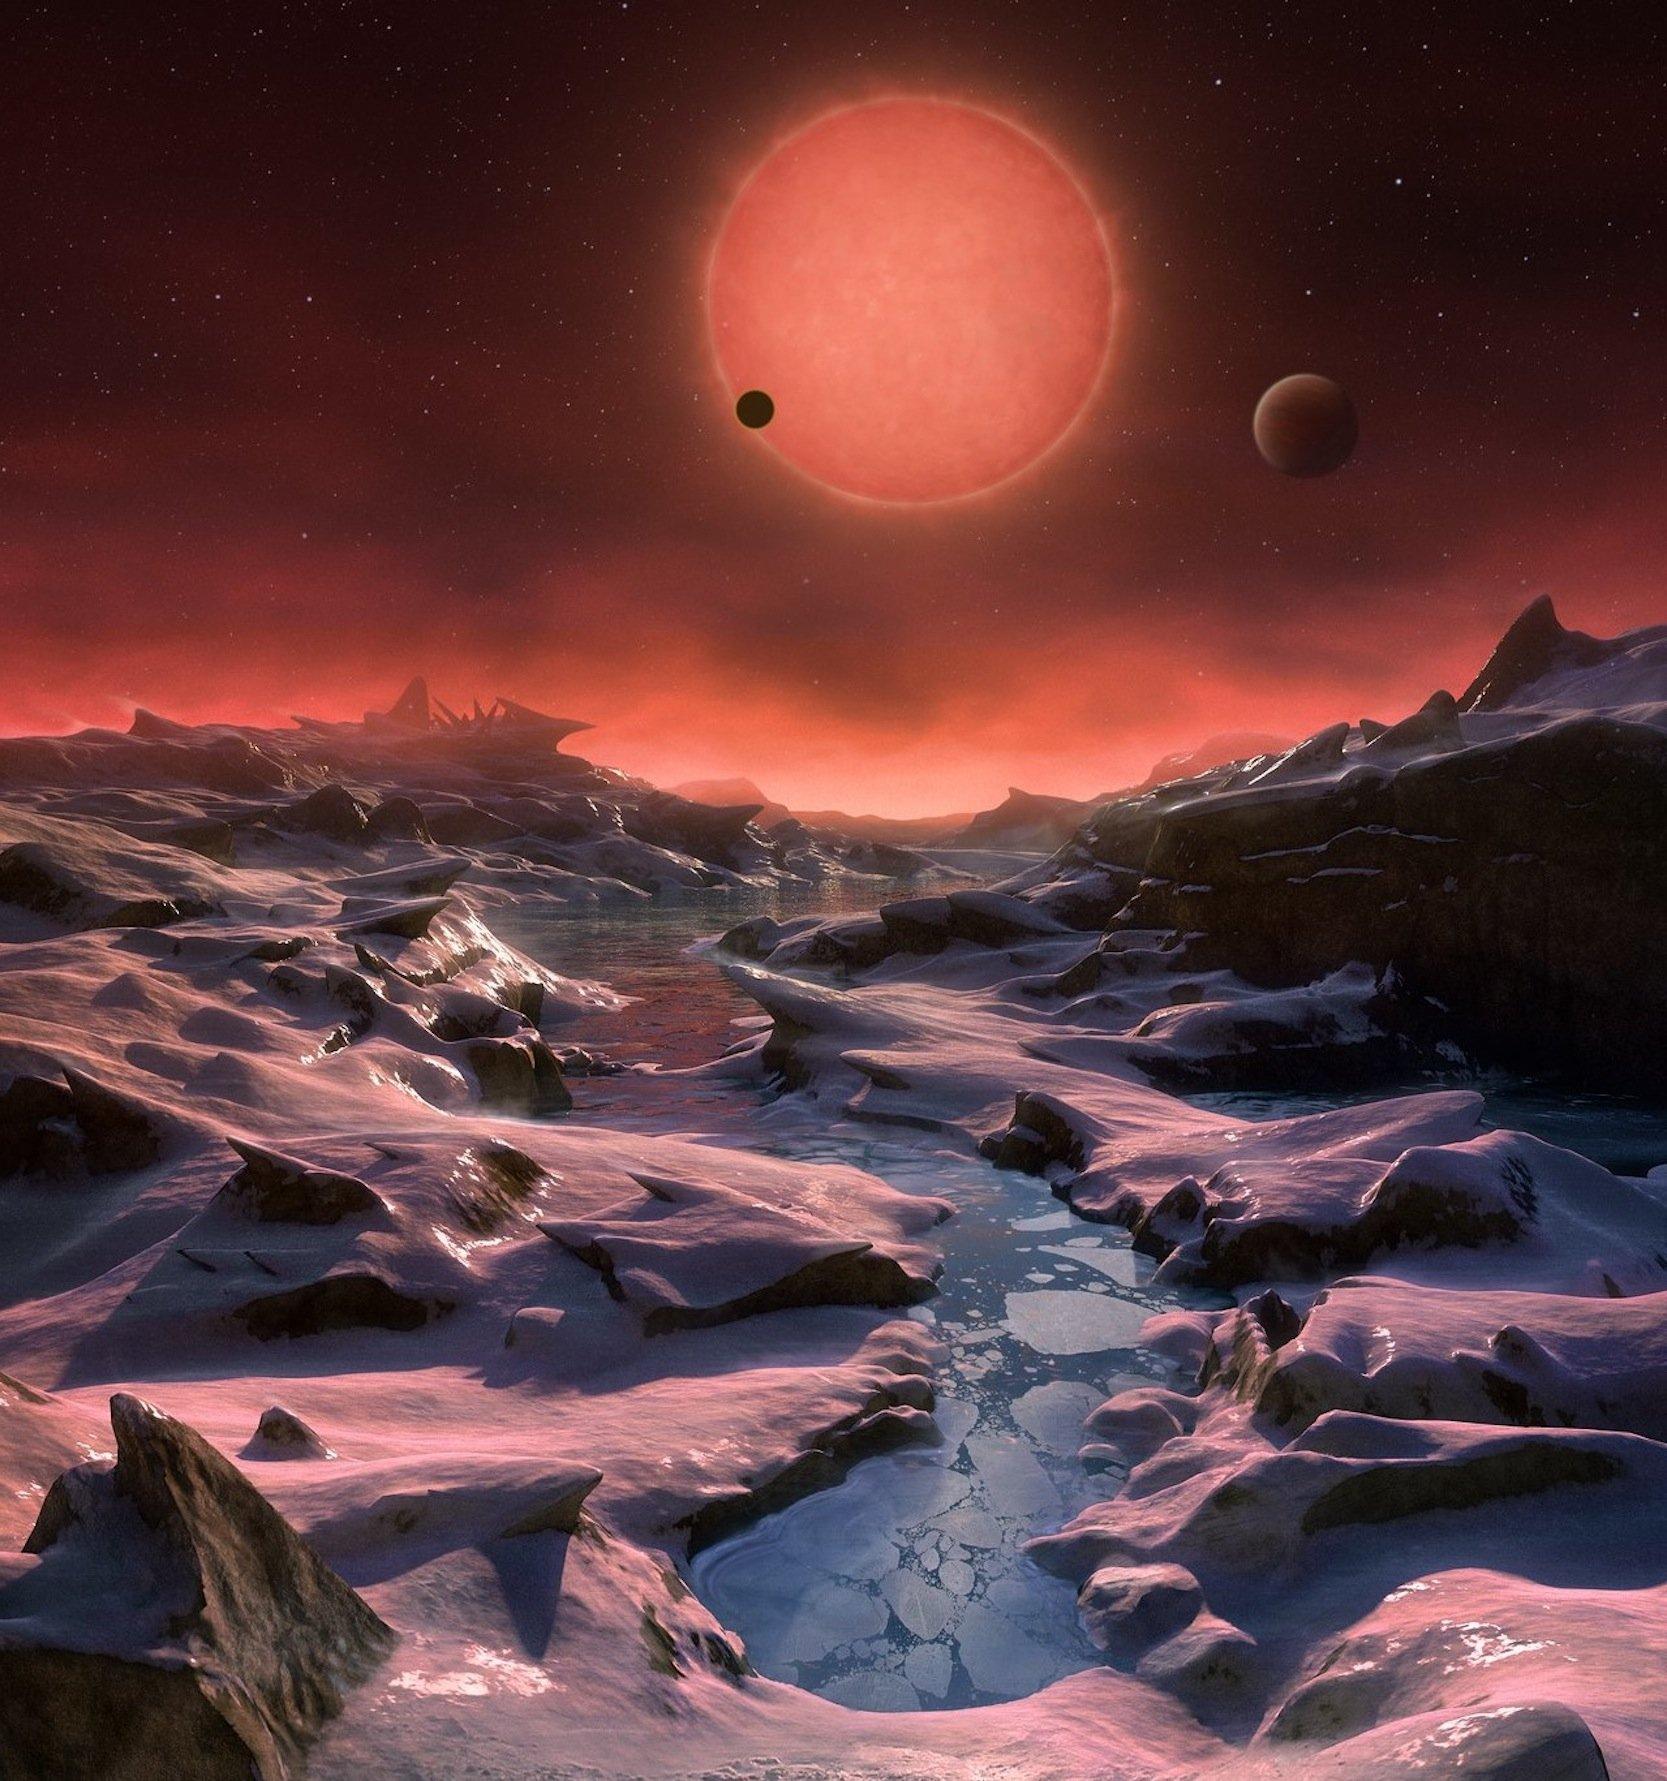 Künstlerische Darstellung der Oberfläche eines der erdähnlichen Planeten im Sternbild Wassermann, die den sehr kühlen Zwergsterns Trappist-1 (im Hintergrund) umkreisen.